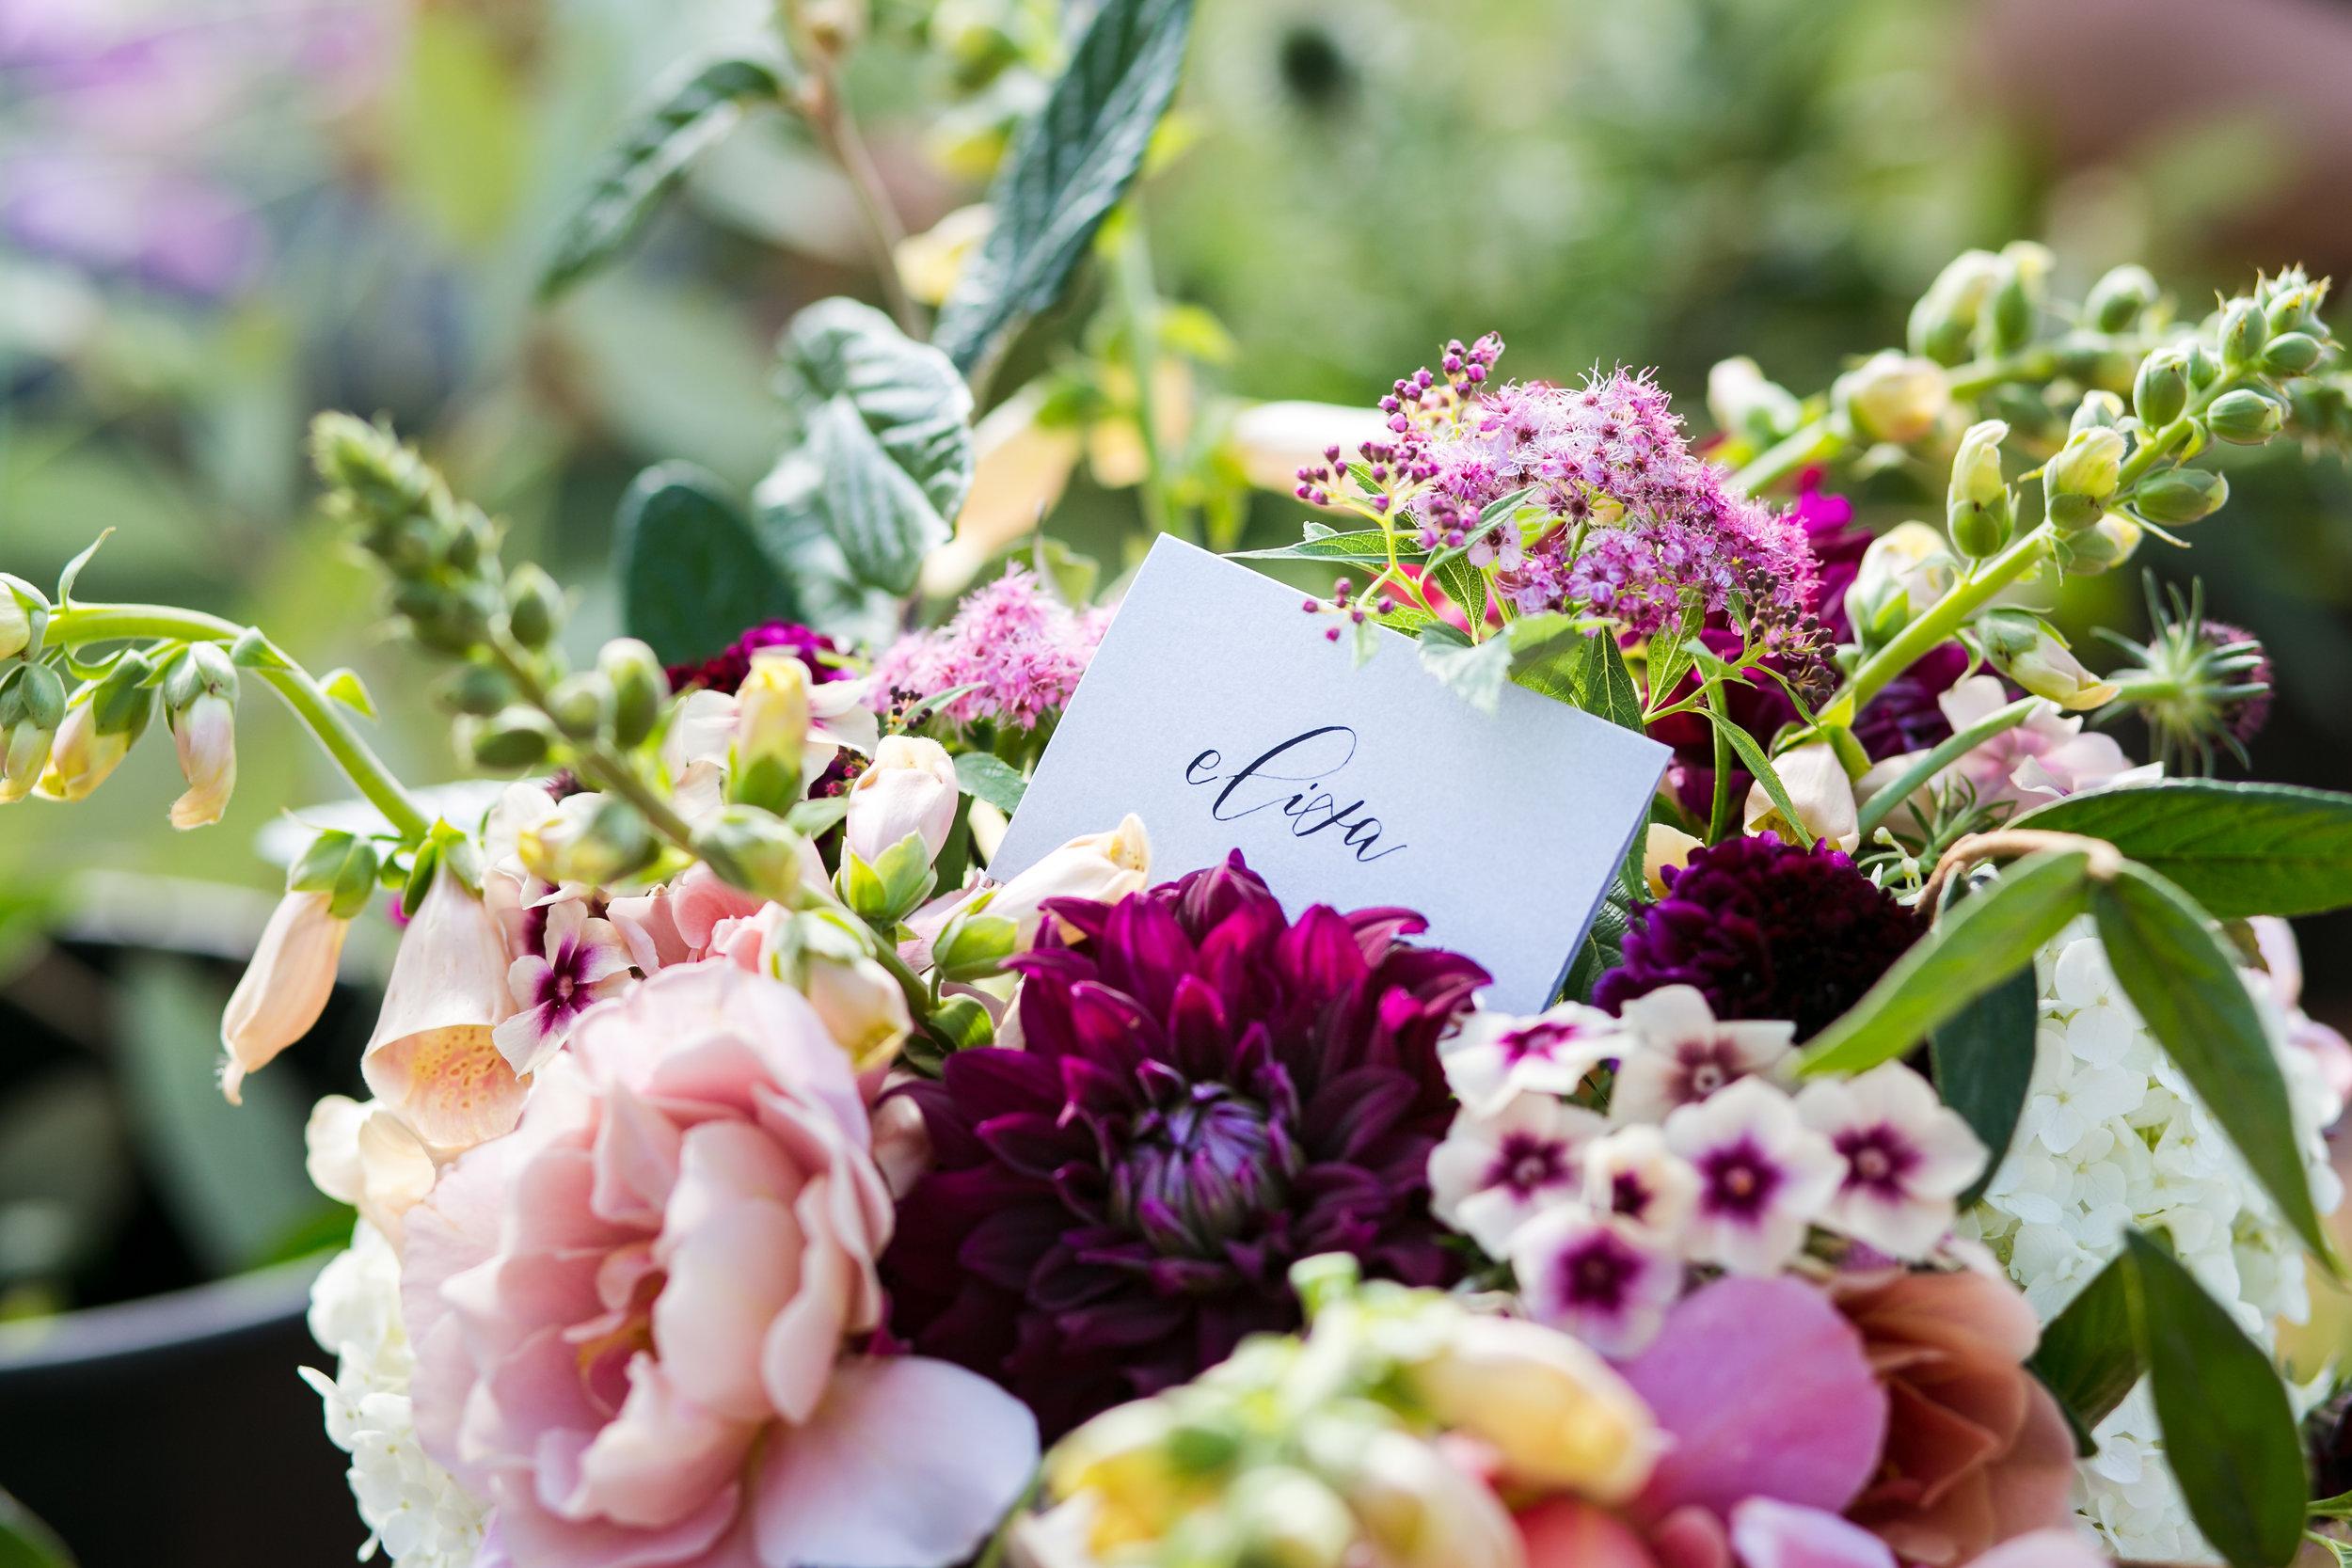 2019_062219_Flourish Flower Farm_An Evening On The Flower Farm-4523.jpg